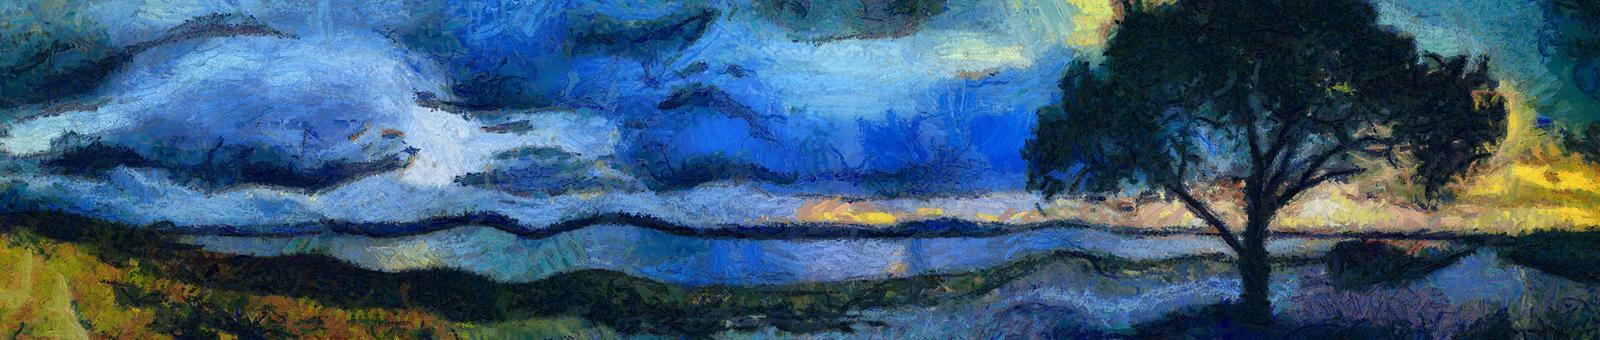 Reinterpretacion Arbol y Laguna Menor by erich-alexey